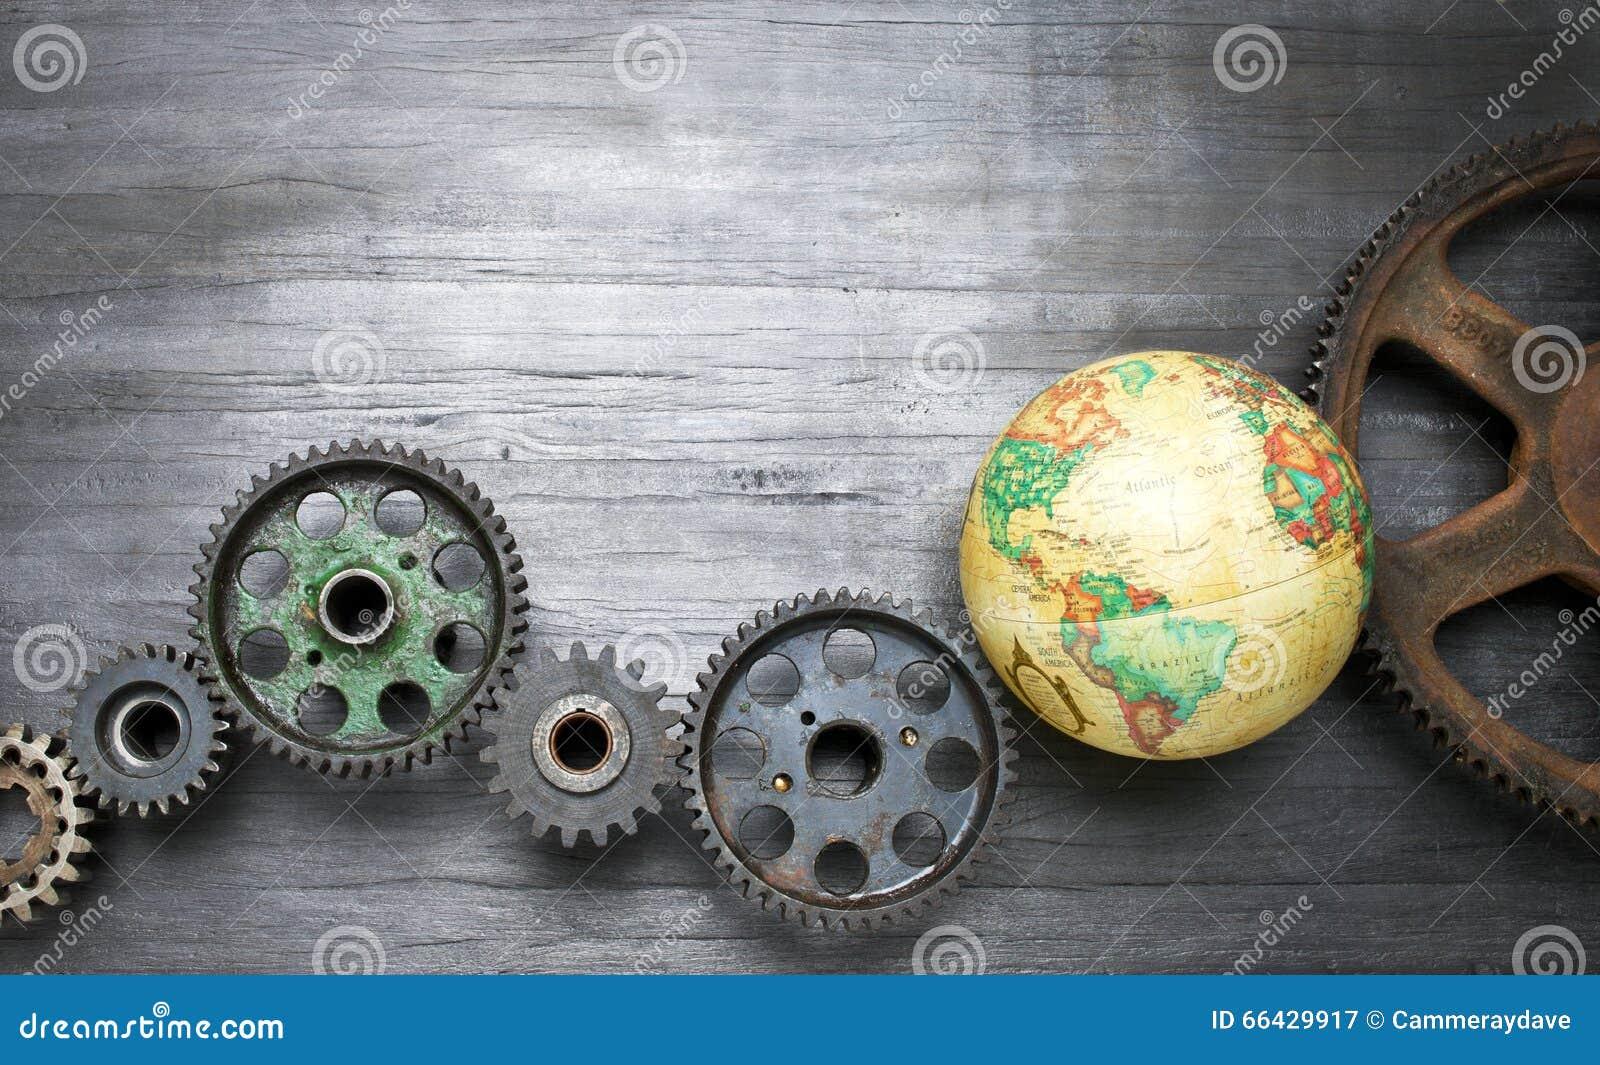 嵌齿轮企业世界全球性背景